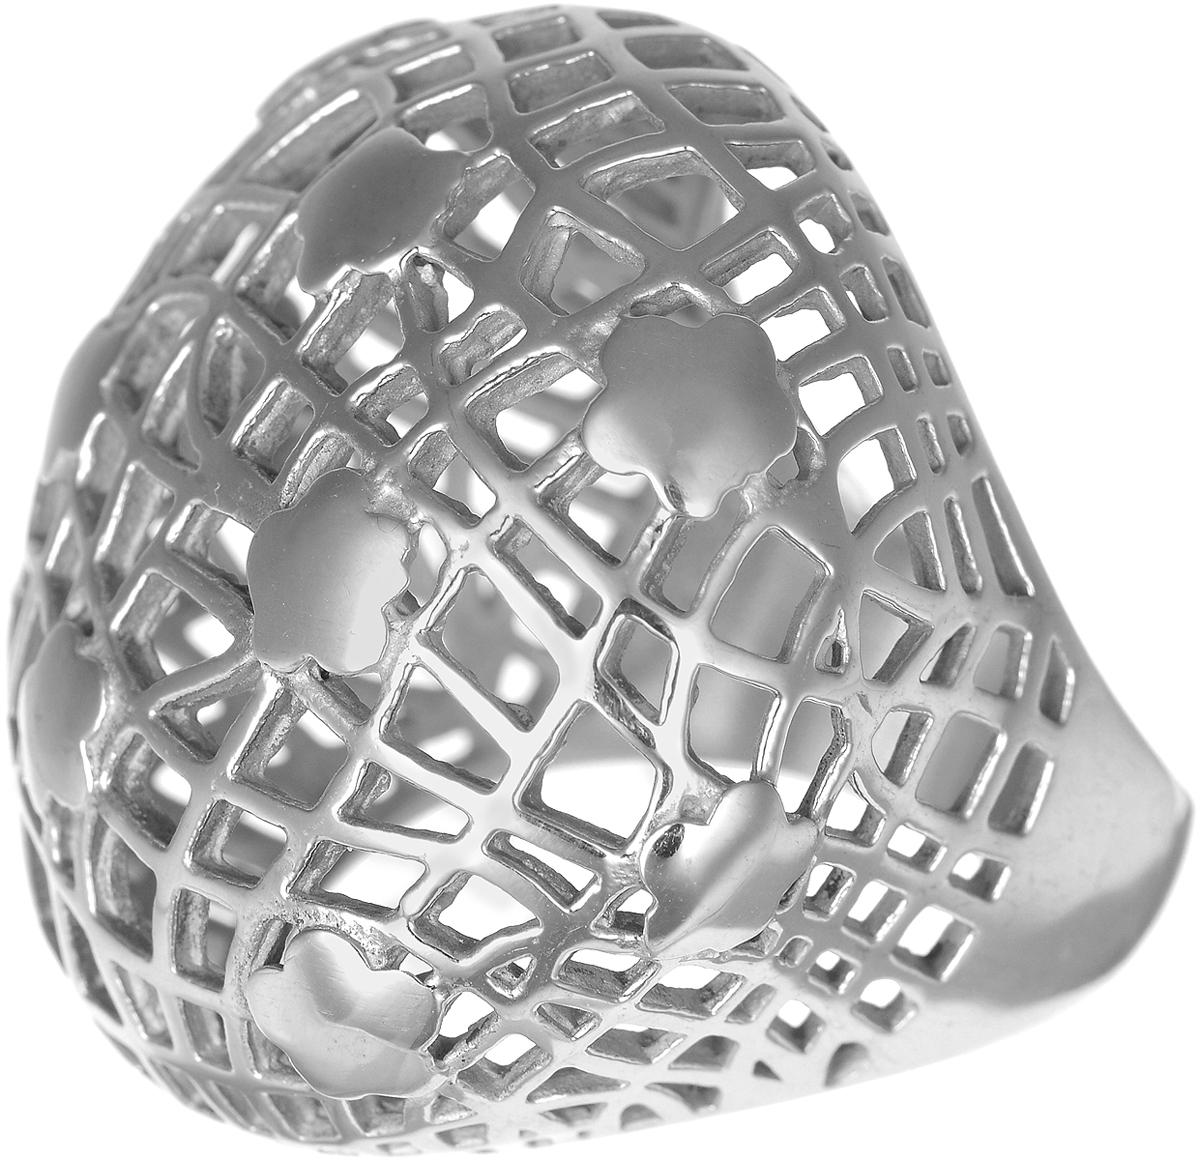 Кольцо Polina Selezneva, цвет: серебристый. DG-0001. Размер 17Коктейльное кольцоСтильное кольцо Polina Selezneva изготовлено из качественного металлического сплава и выполнено в оригинальном дизайне. Массивное кольцо оформлено резным узором.